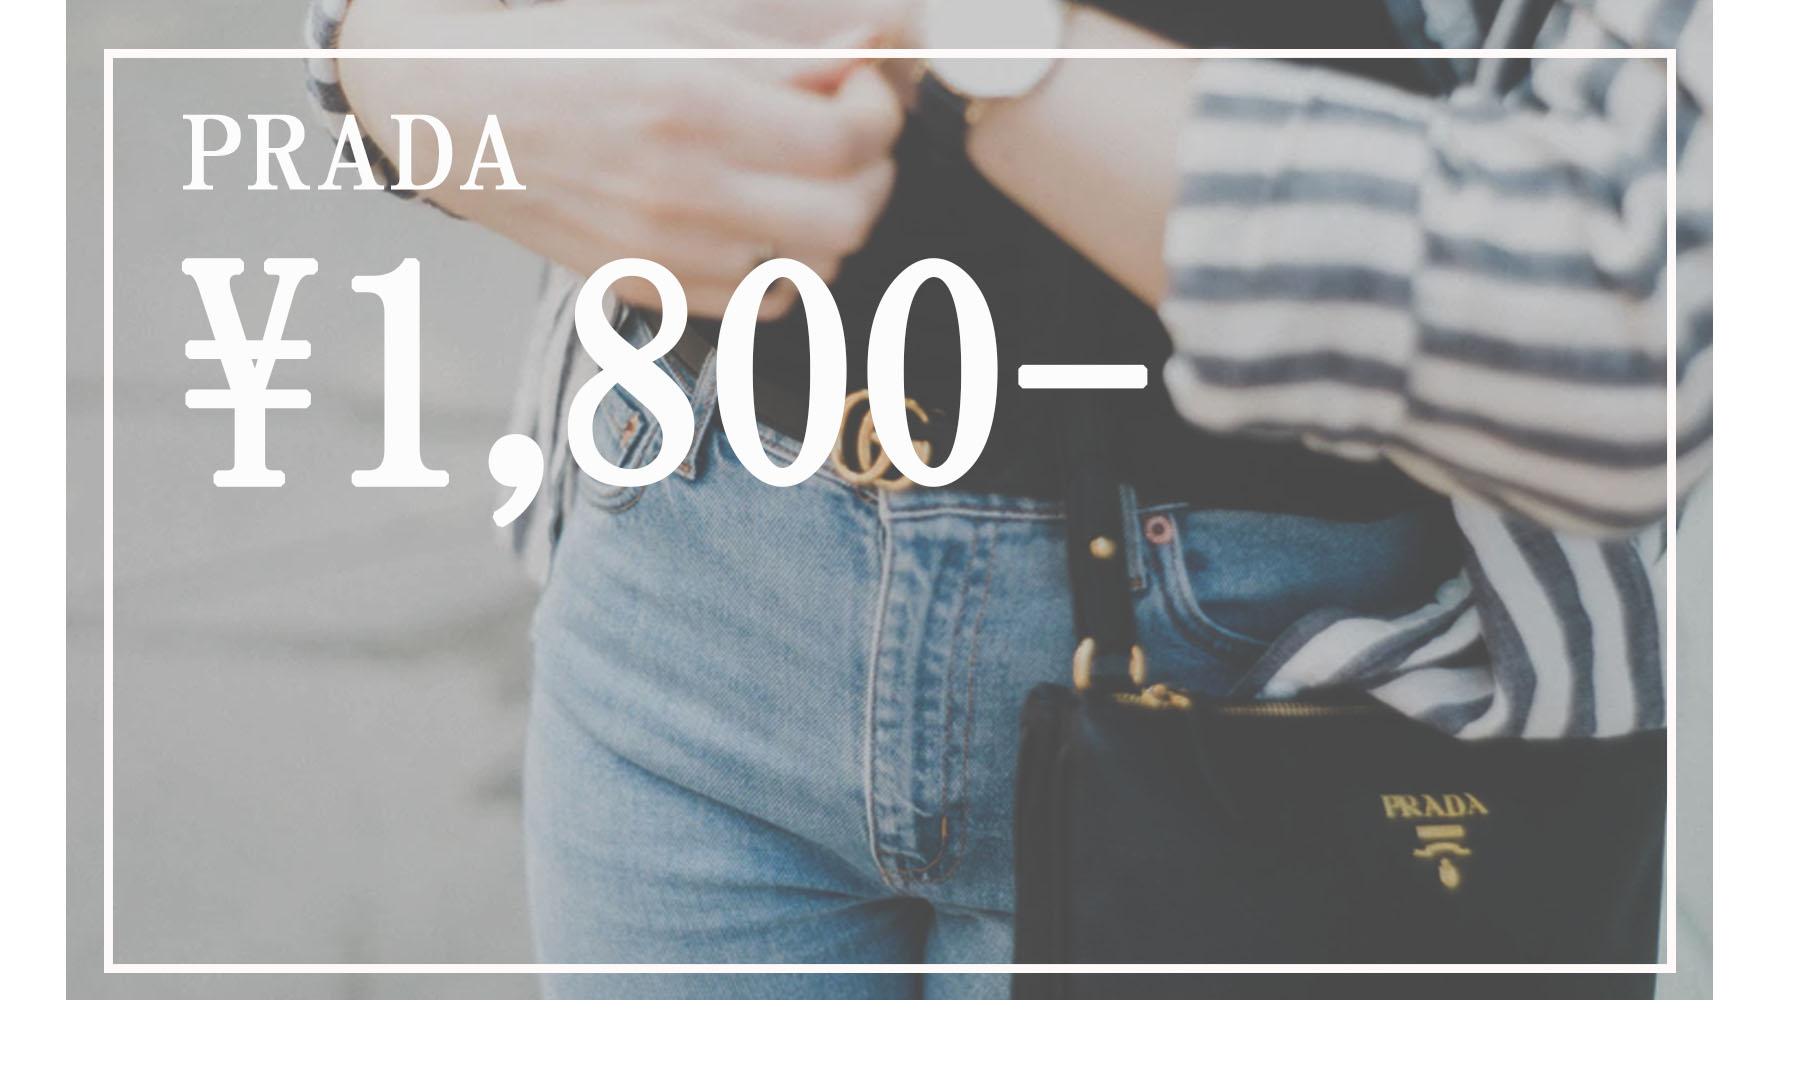 プラダ財布が1800円!人気のブランド品が格安でゲットできるお店